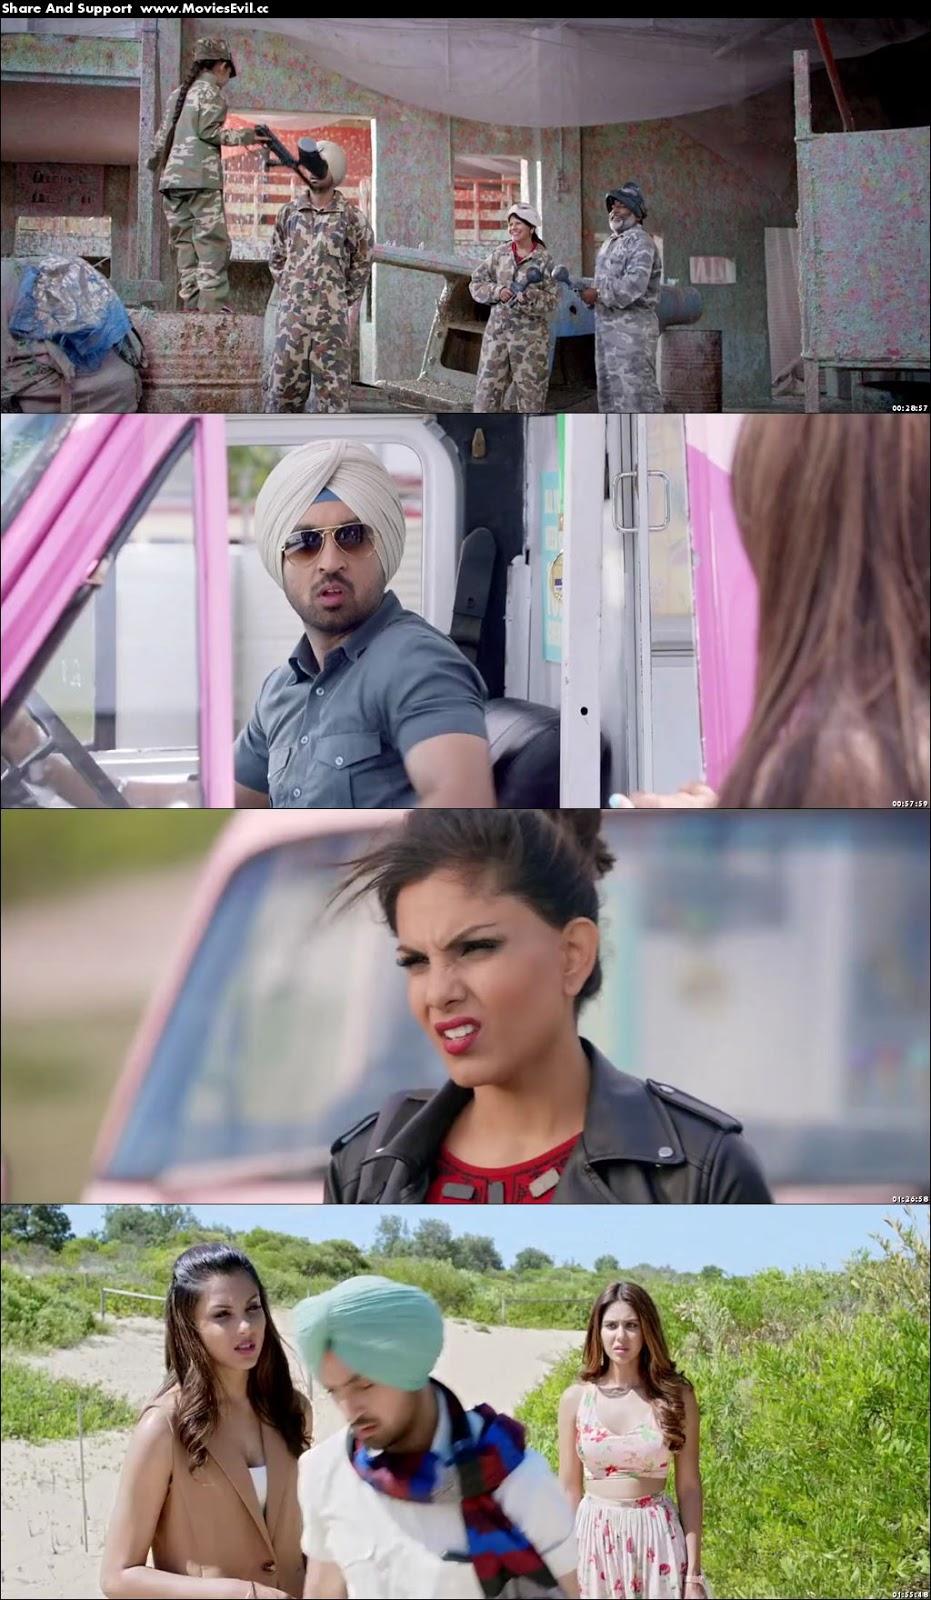 Sardaarji 2 2016 720p HDRip x264 Punjabi Movie Download,Sardaarji 2 2016 diljit movie download,Sardaarji 2 2016 direct link download,Sardaarji 2 2016 300 mb download,Sardaarji 2 2016 full movie download,Sardaarji 2 2016 watch online hd,Sardaarji 2 2016 movie free download